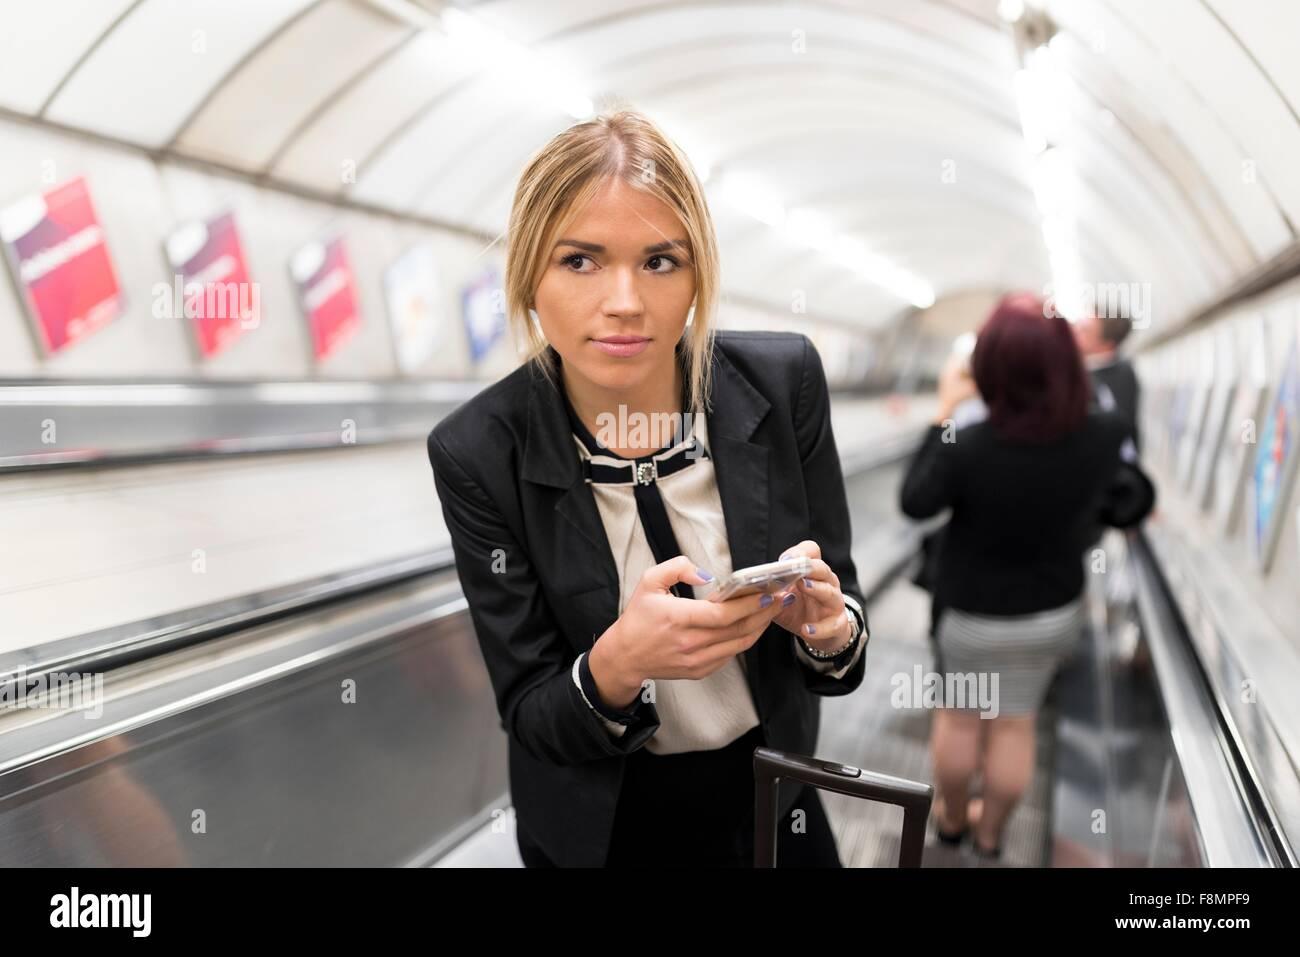 Geschäftsfrau SMS auf Rolltreppe, London Underground, UK Stockbild